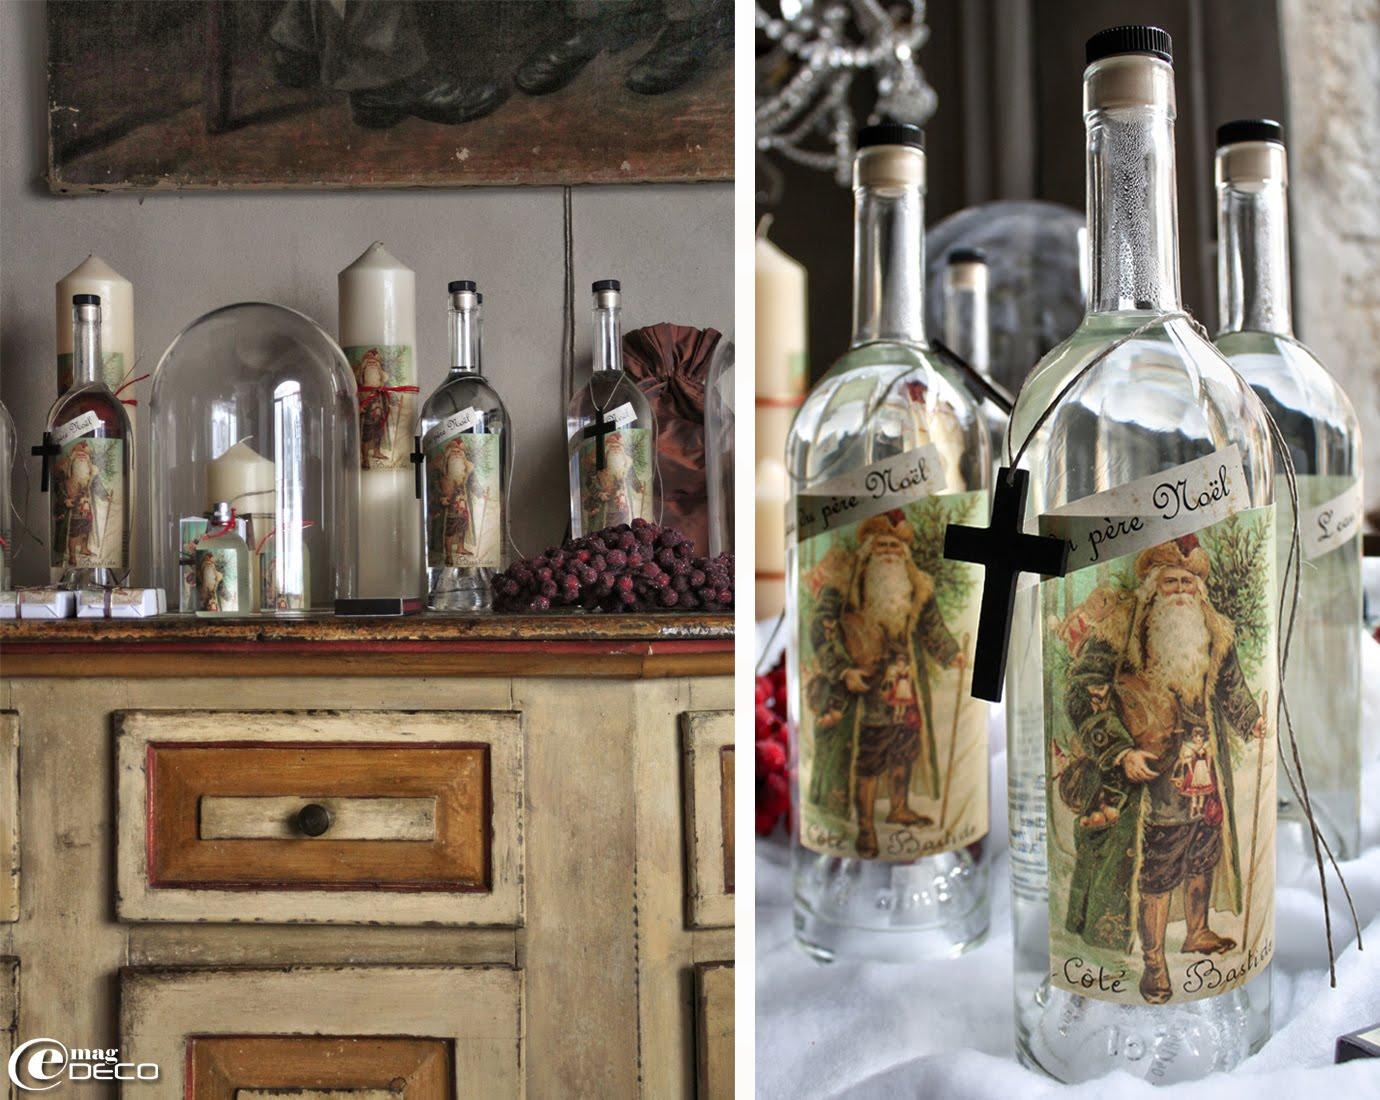 Pour les fêtes, un cierge ivoire Noël et des sprays d'ambiance Noël sont placés sous un globe en verre dans la boutique Côté Bastide.